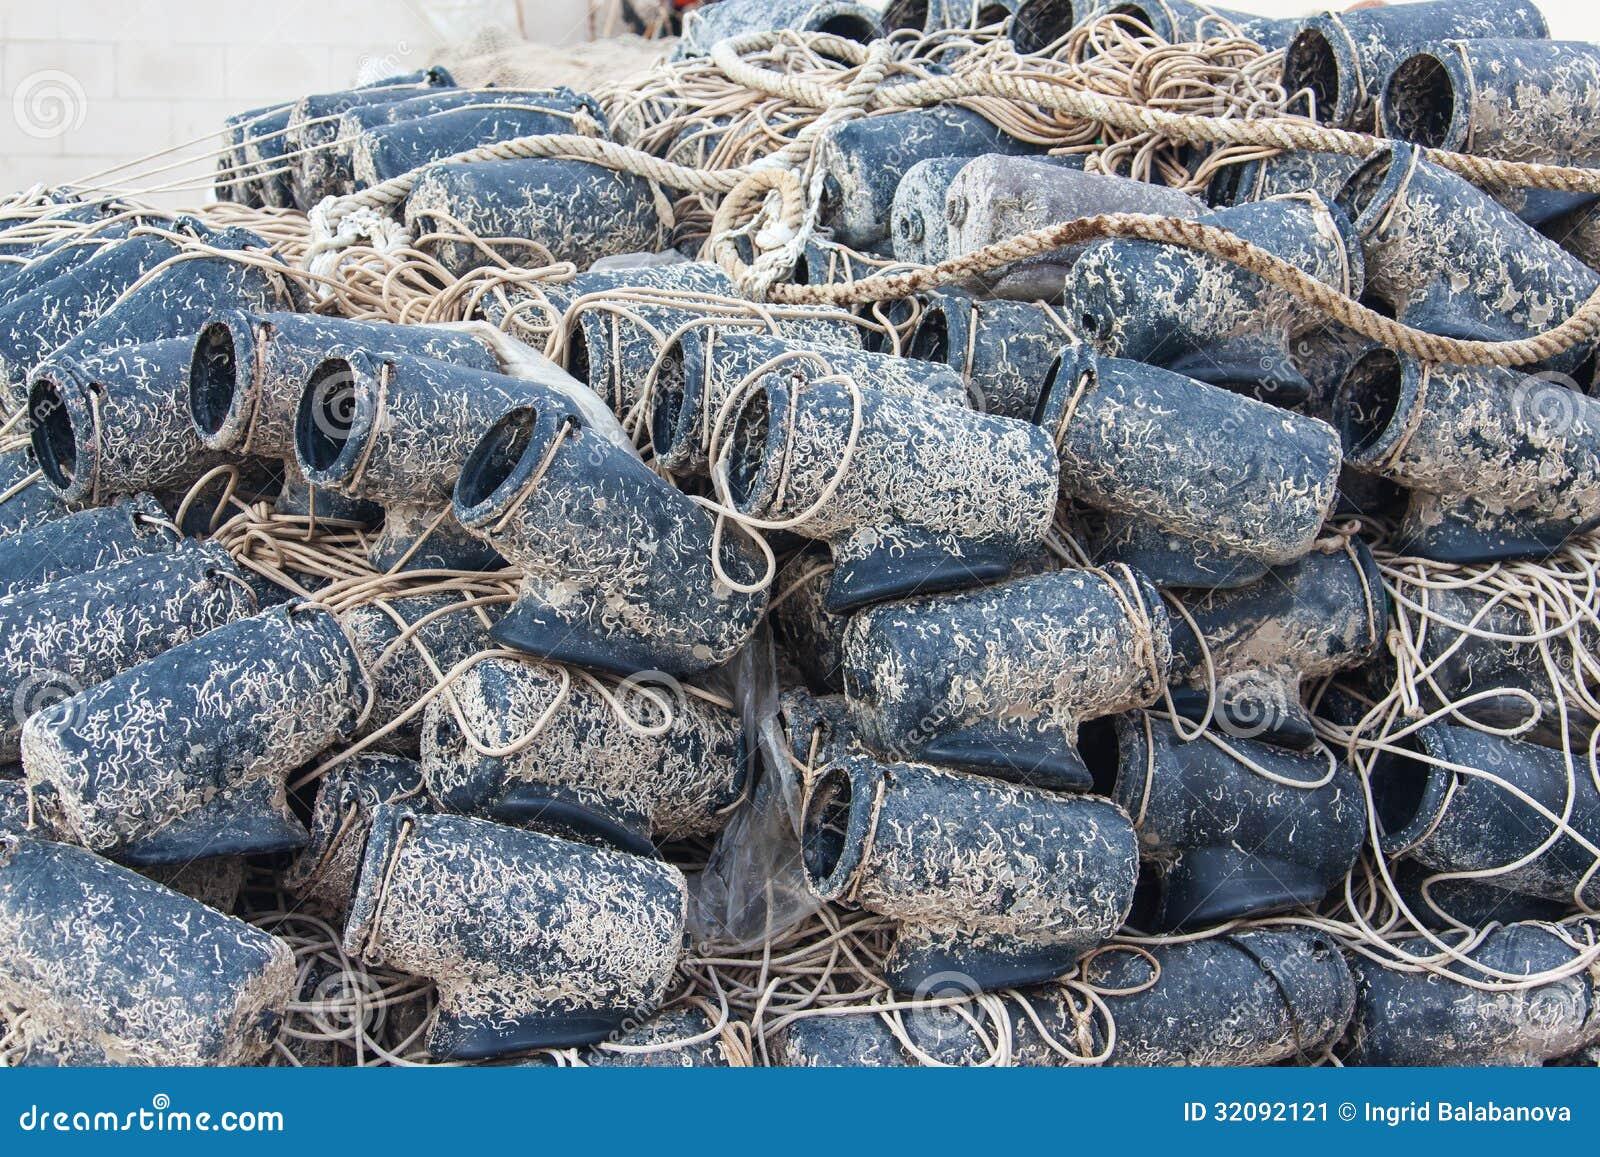 Rete da pesca bagnata di recente usata immagine stock for Rete da pesca arredamento